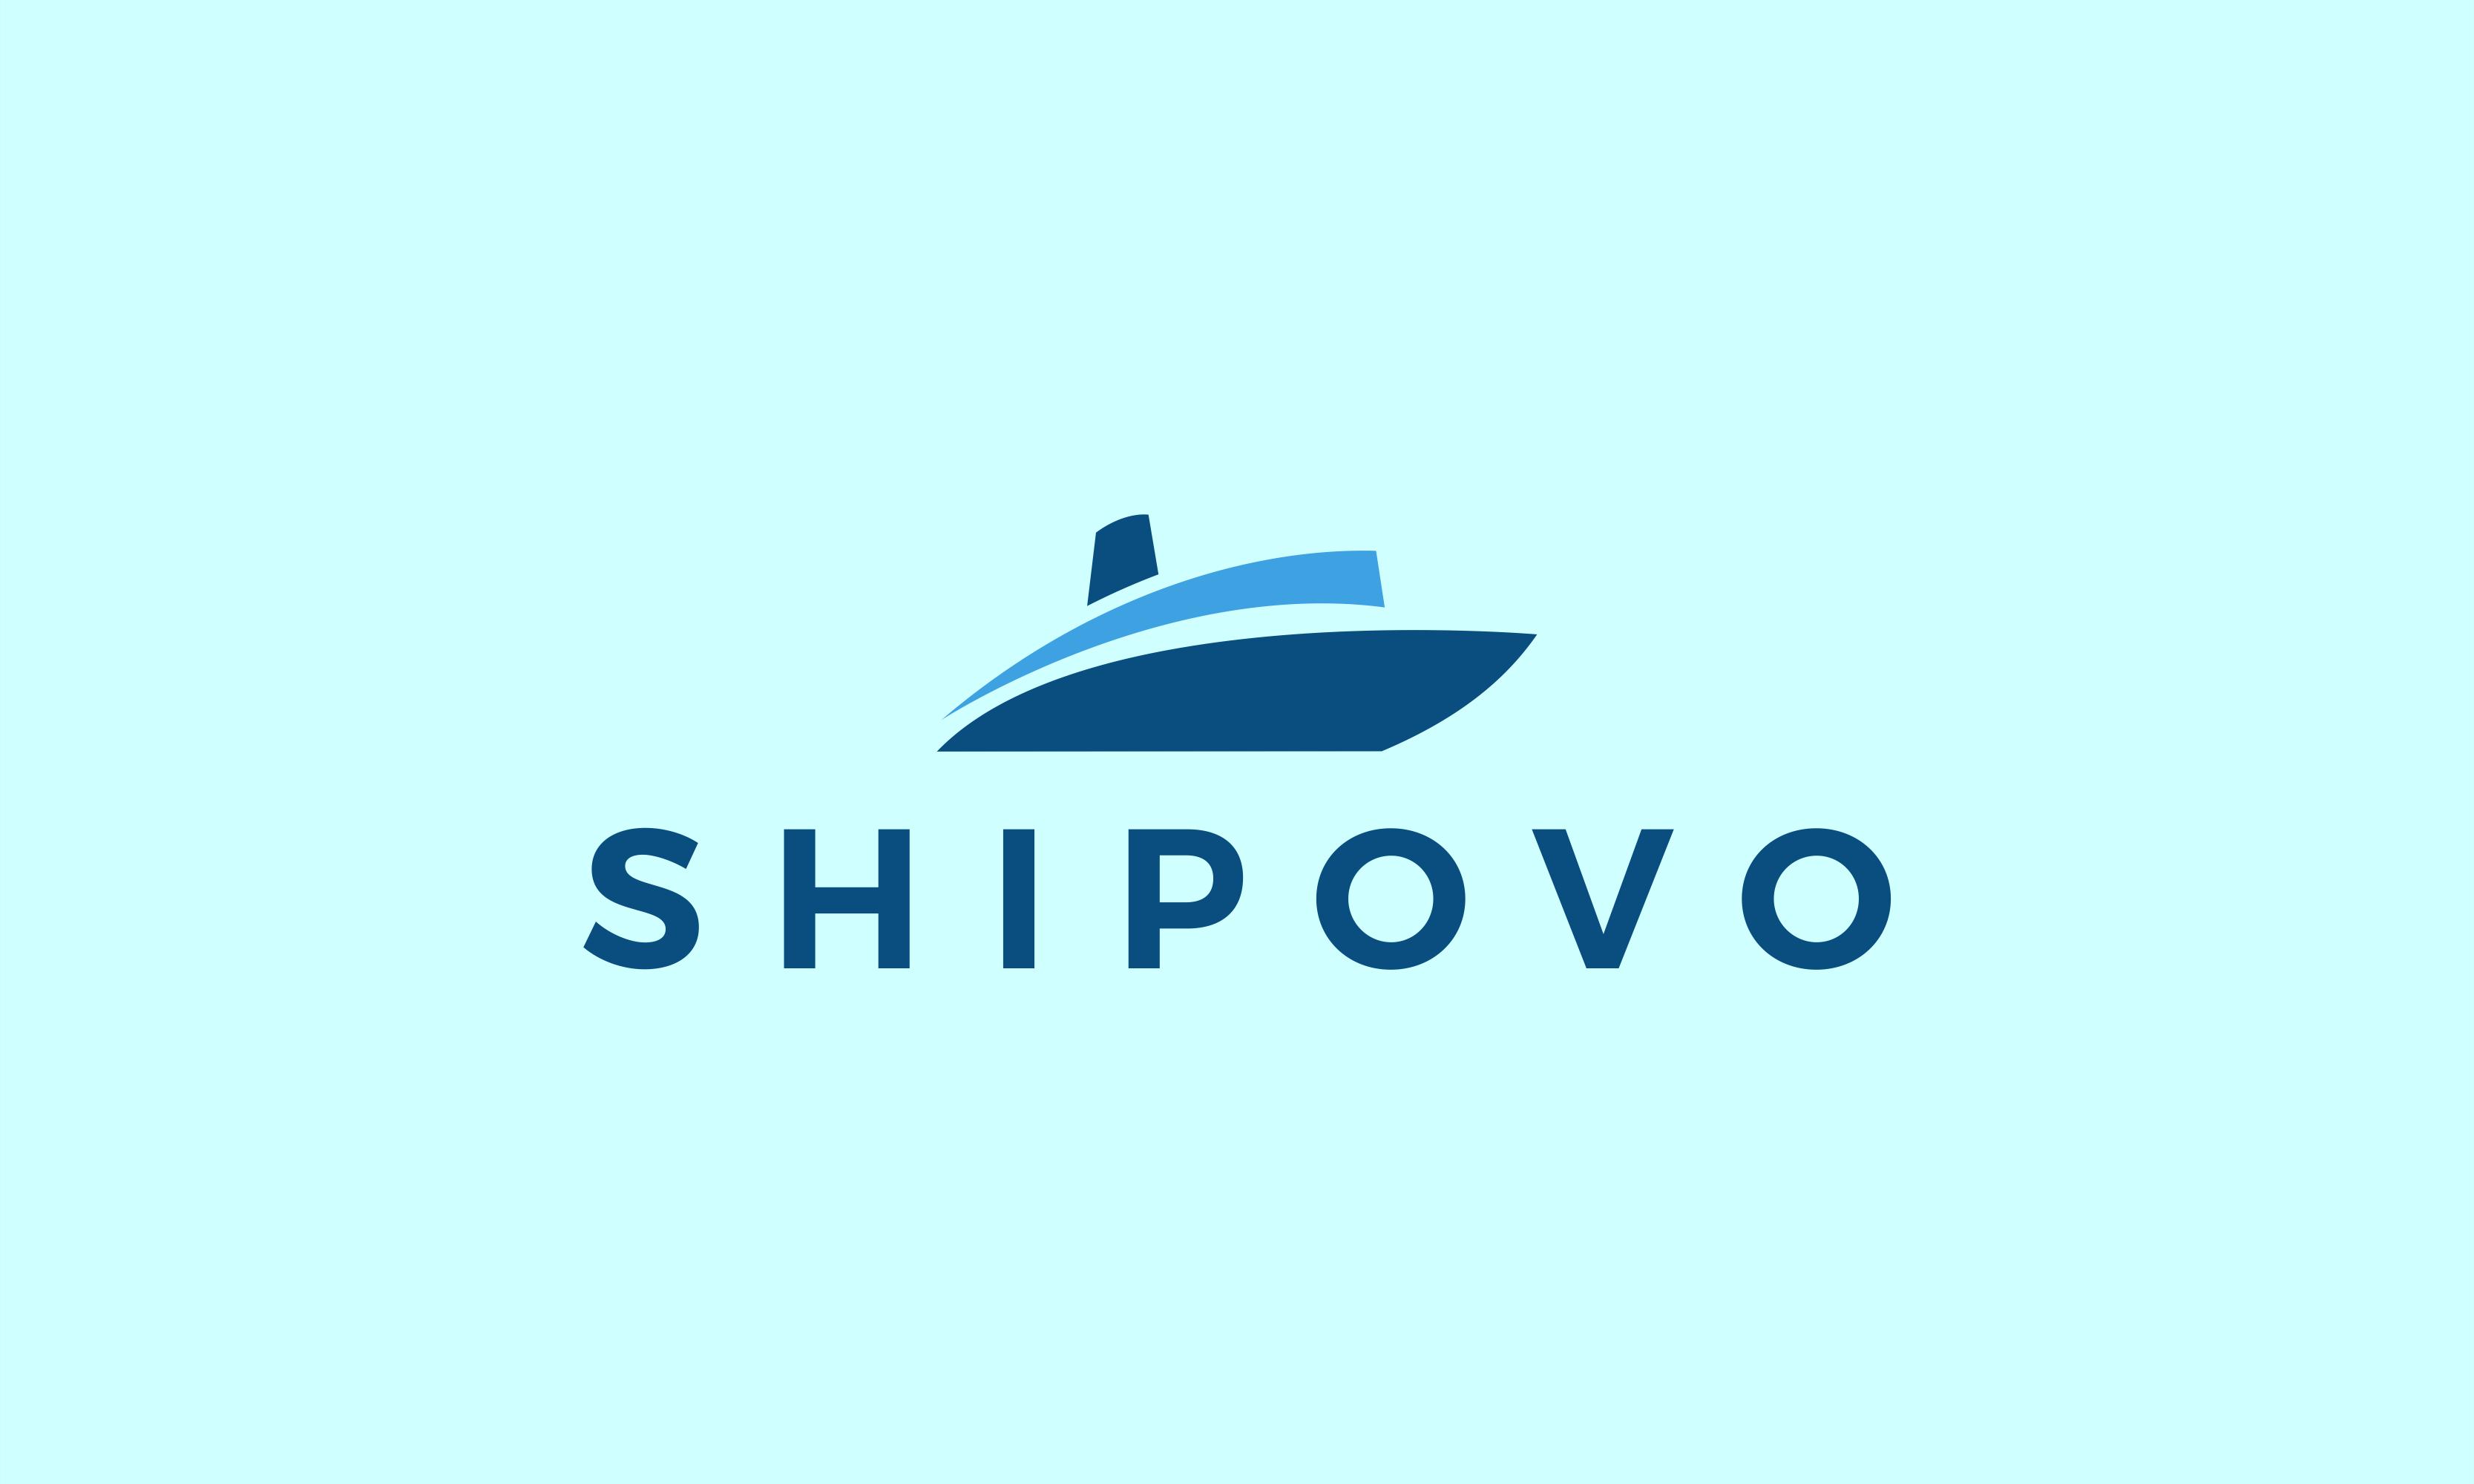 Shipovo